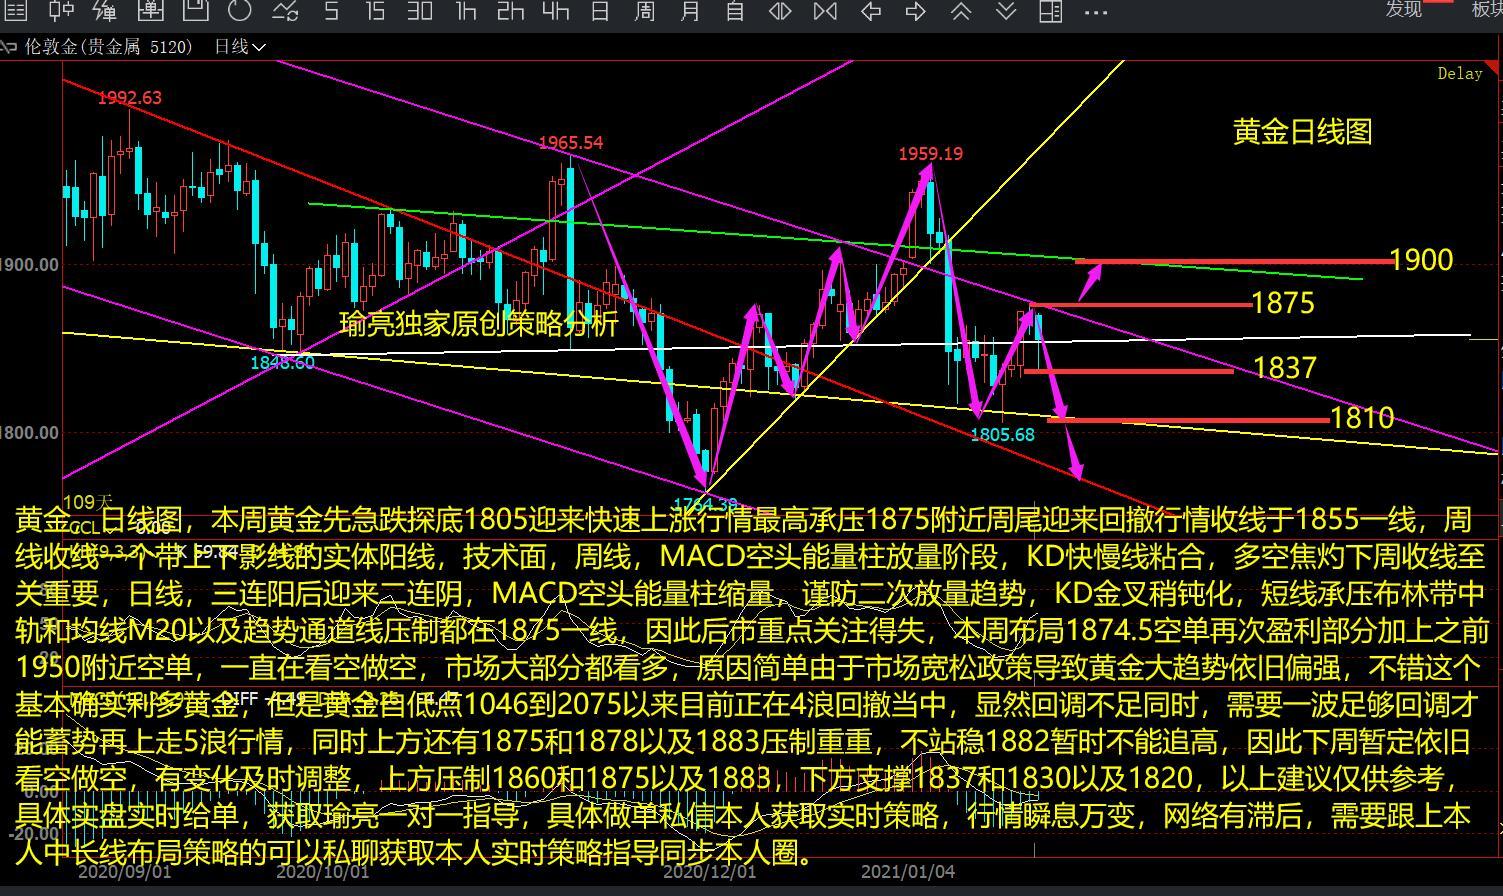 黄瑜亮:1-24周评原油三重顶回落延续 黄金承压1875得失是关键